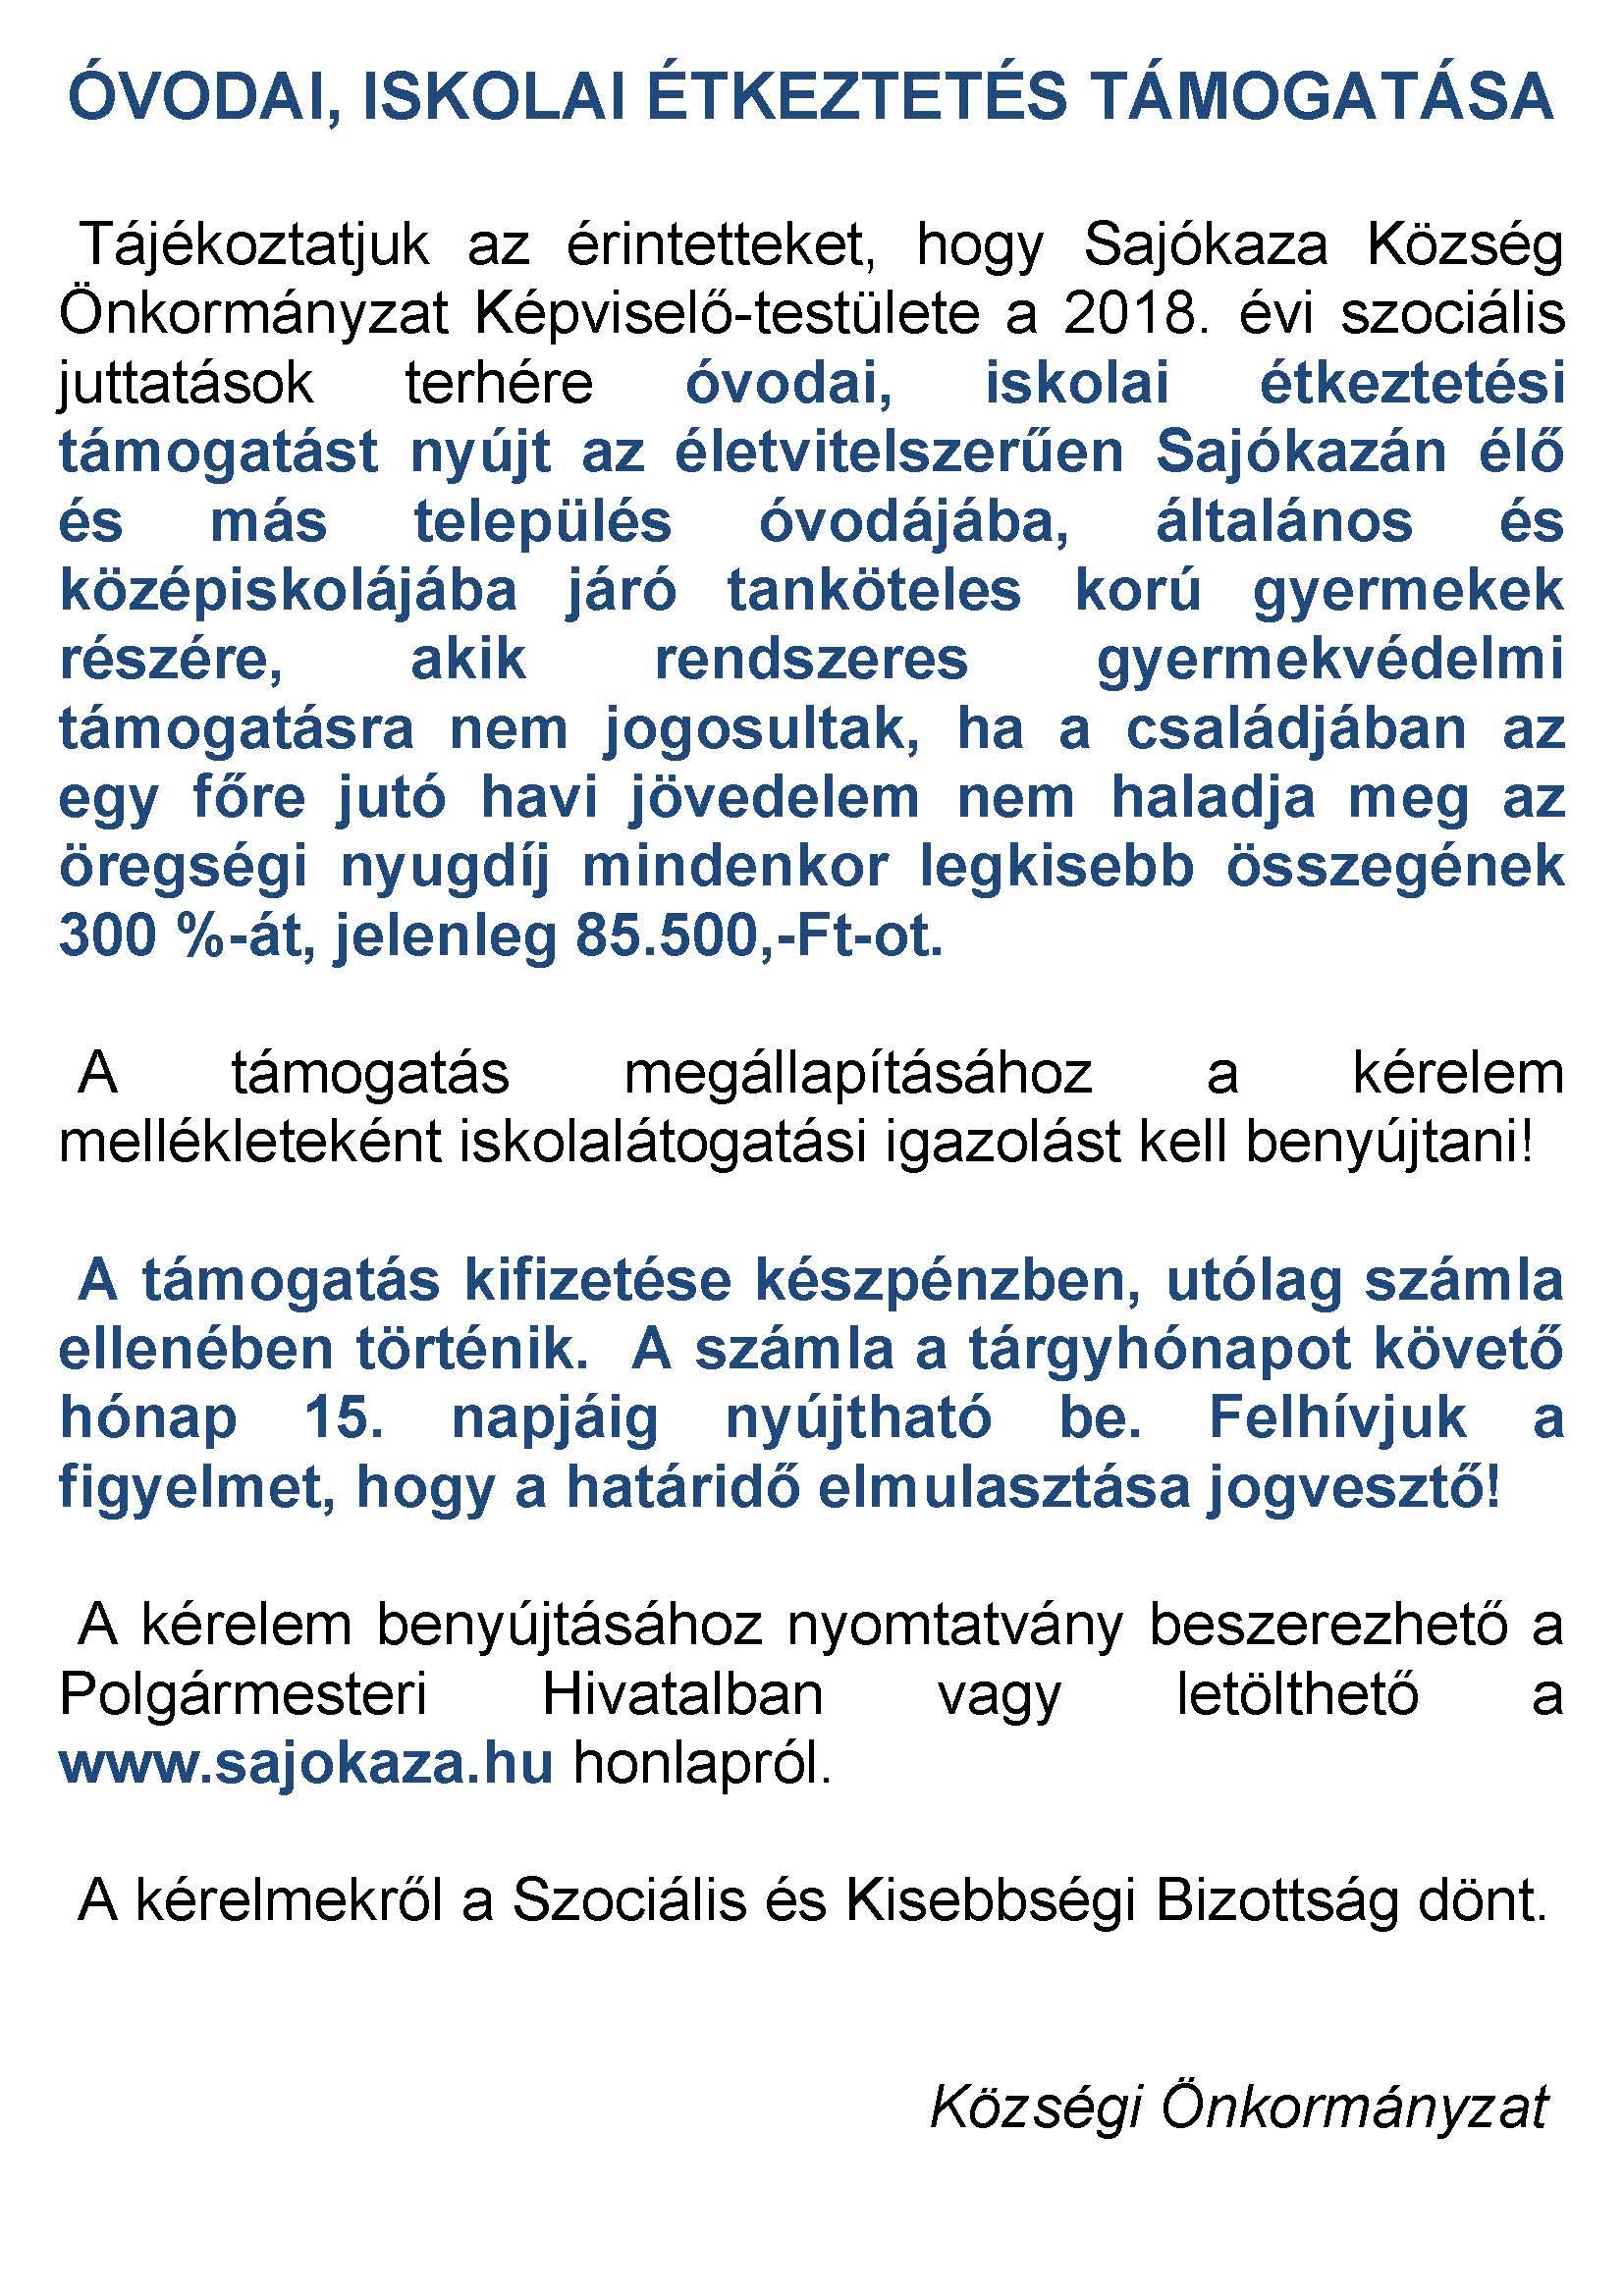 etkez_tam